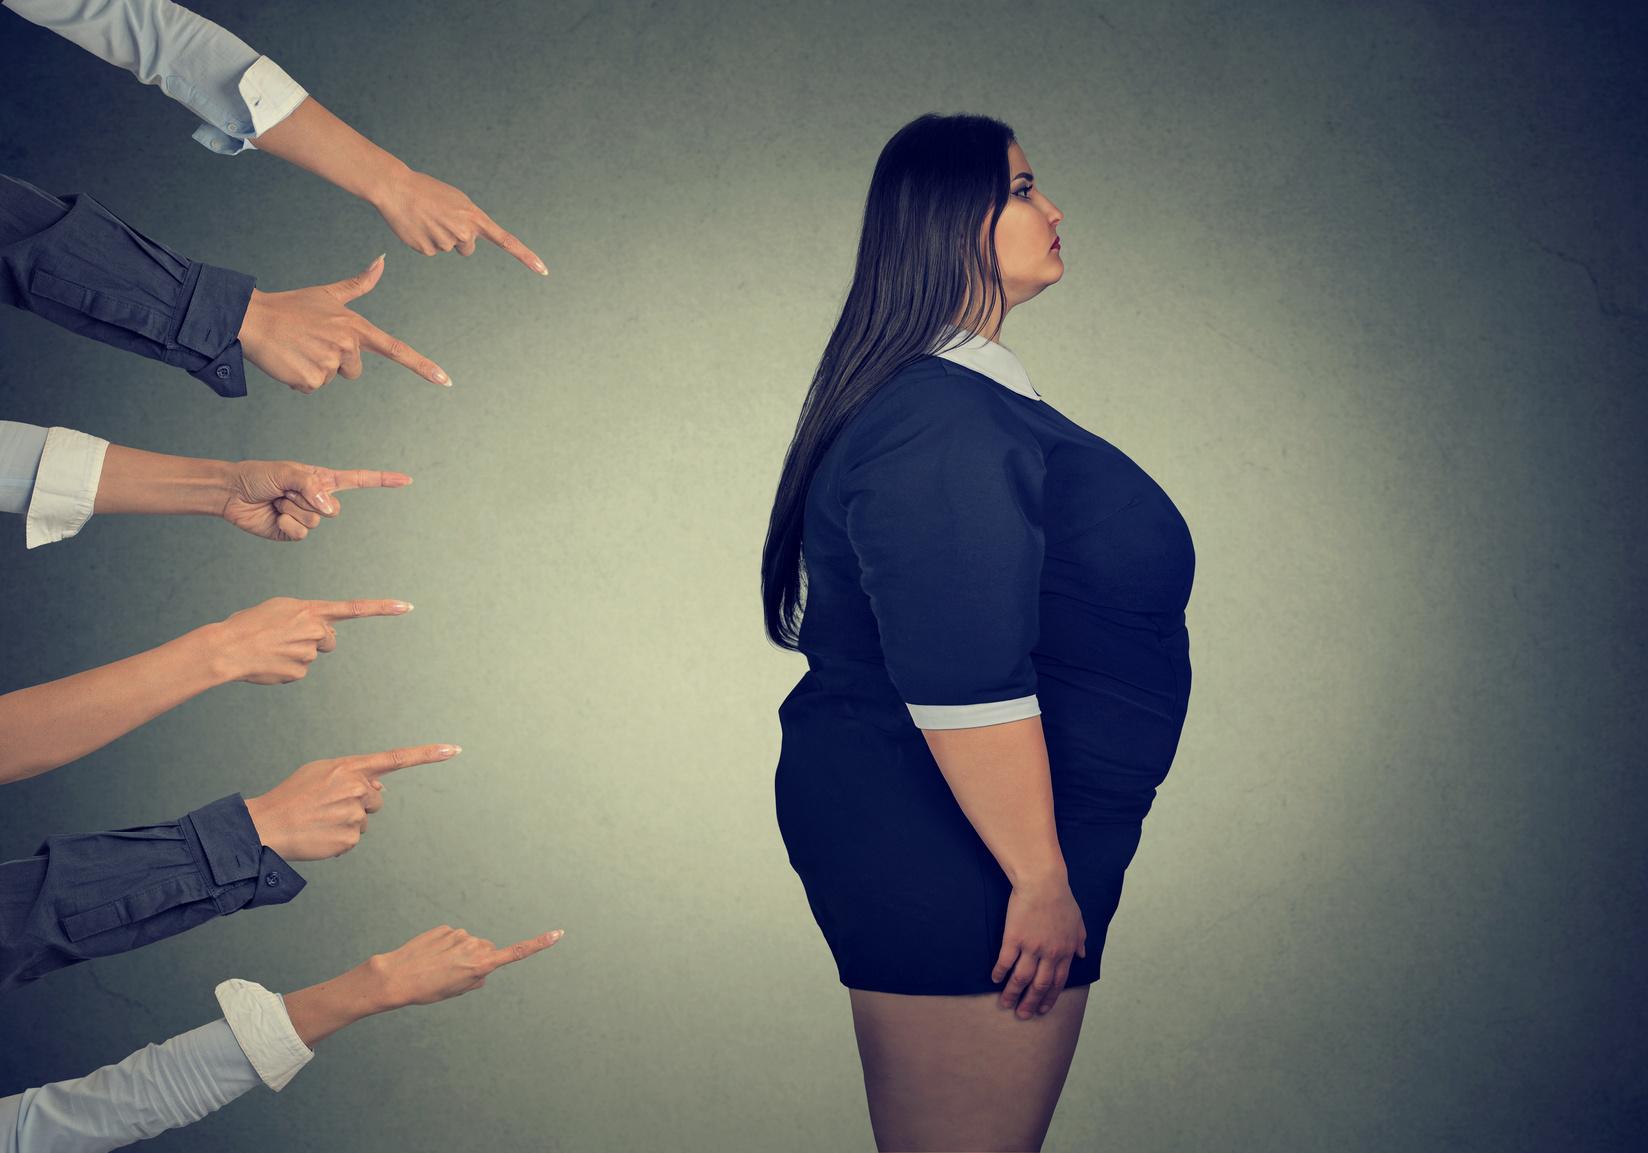 ciò causa sovrappeso e obesità